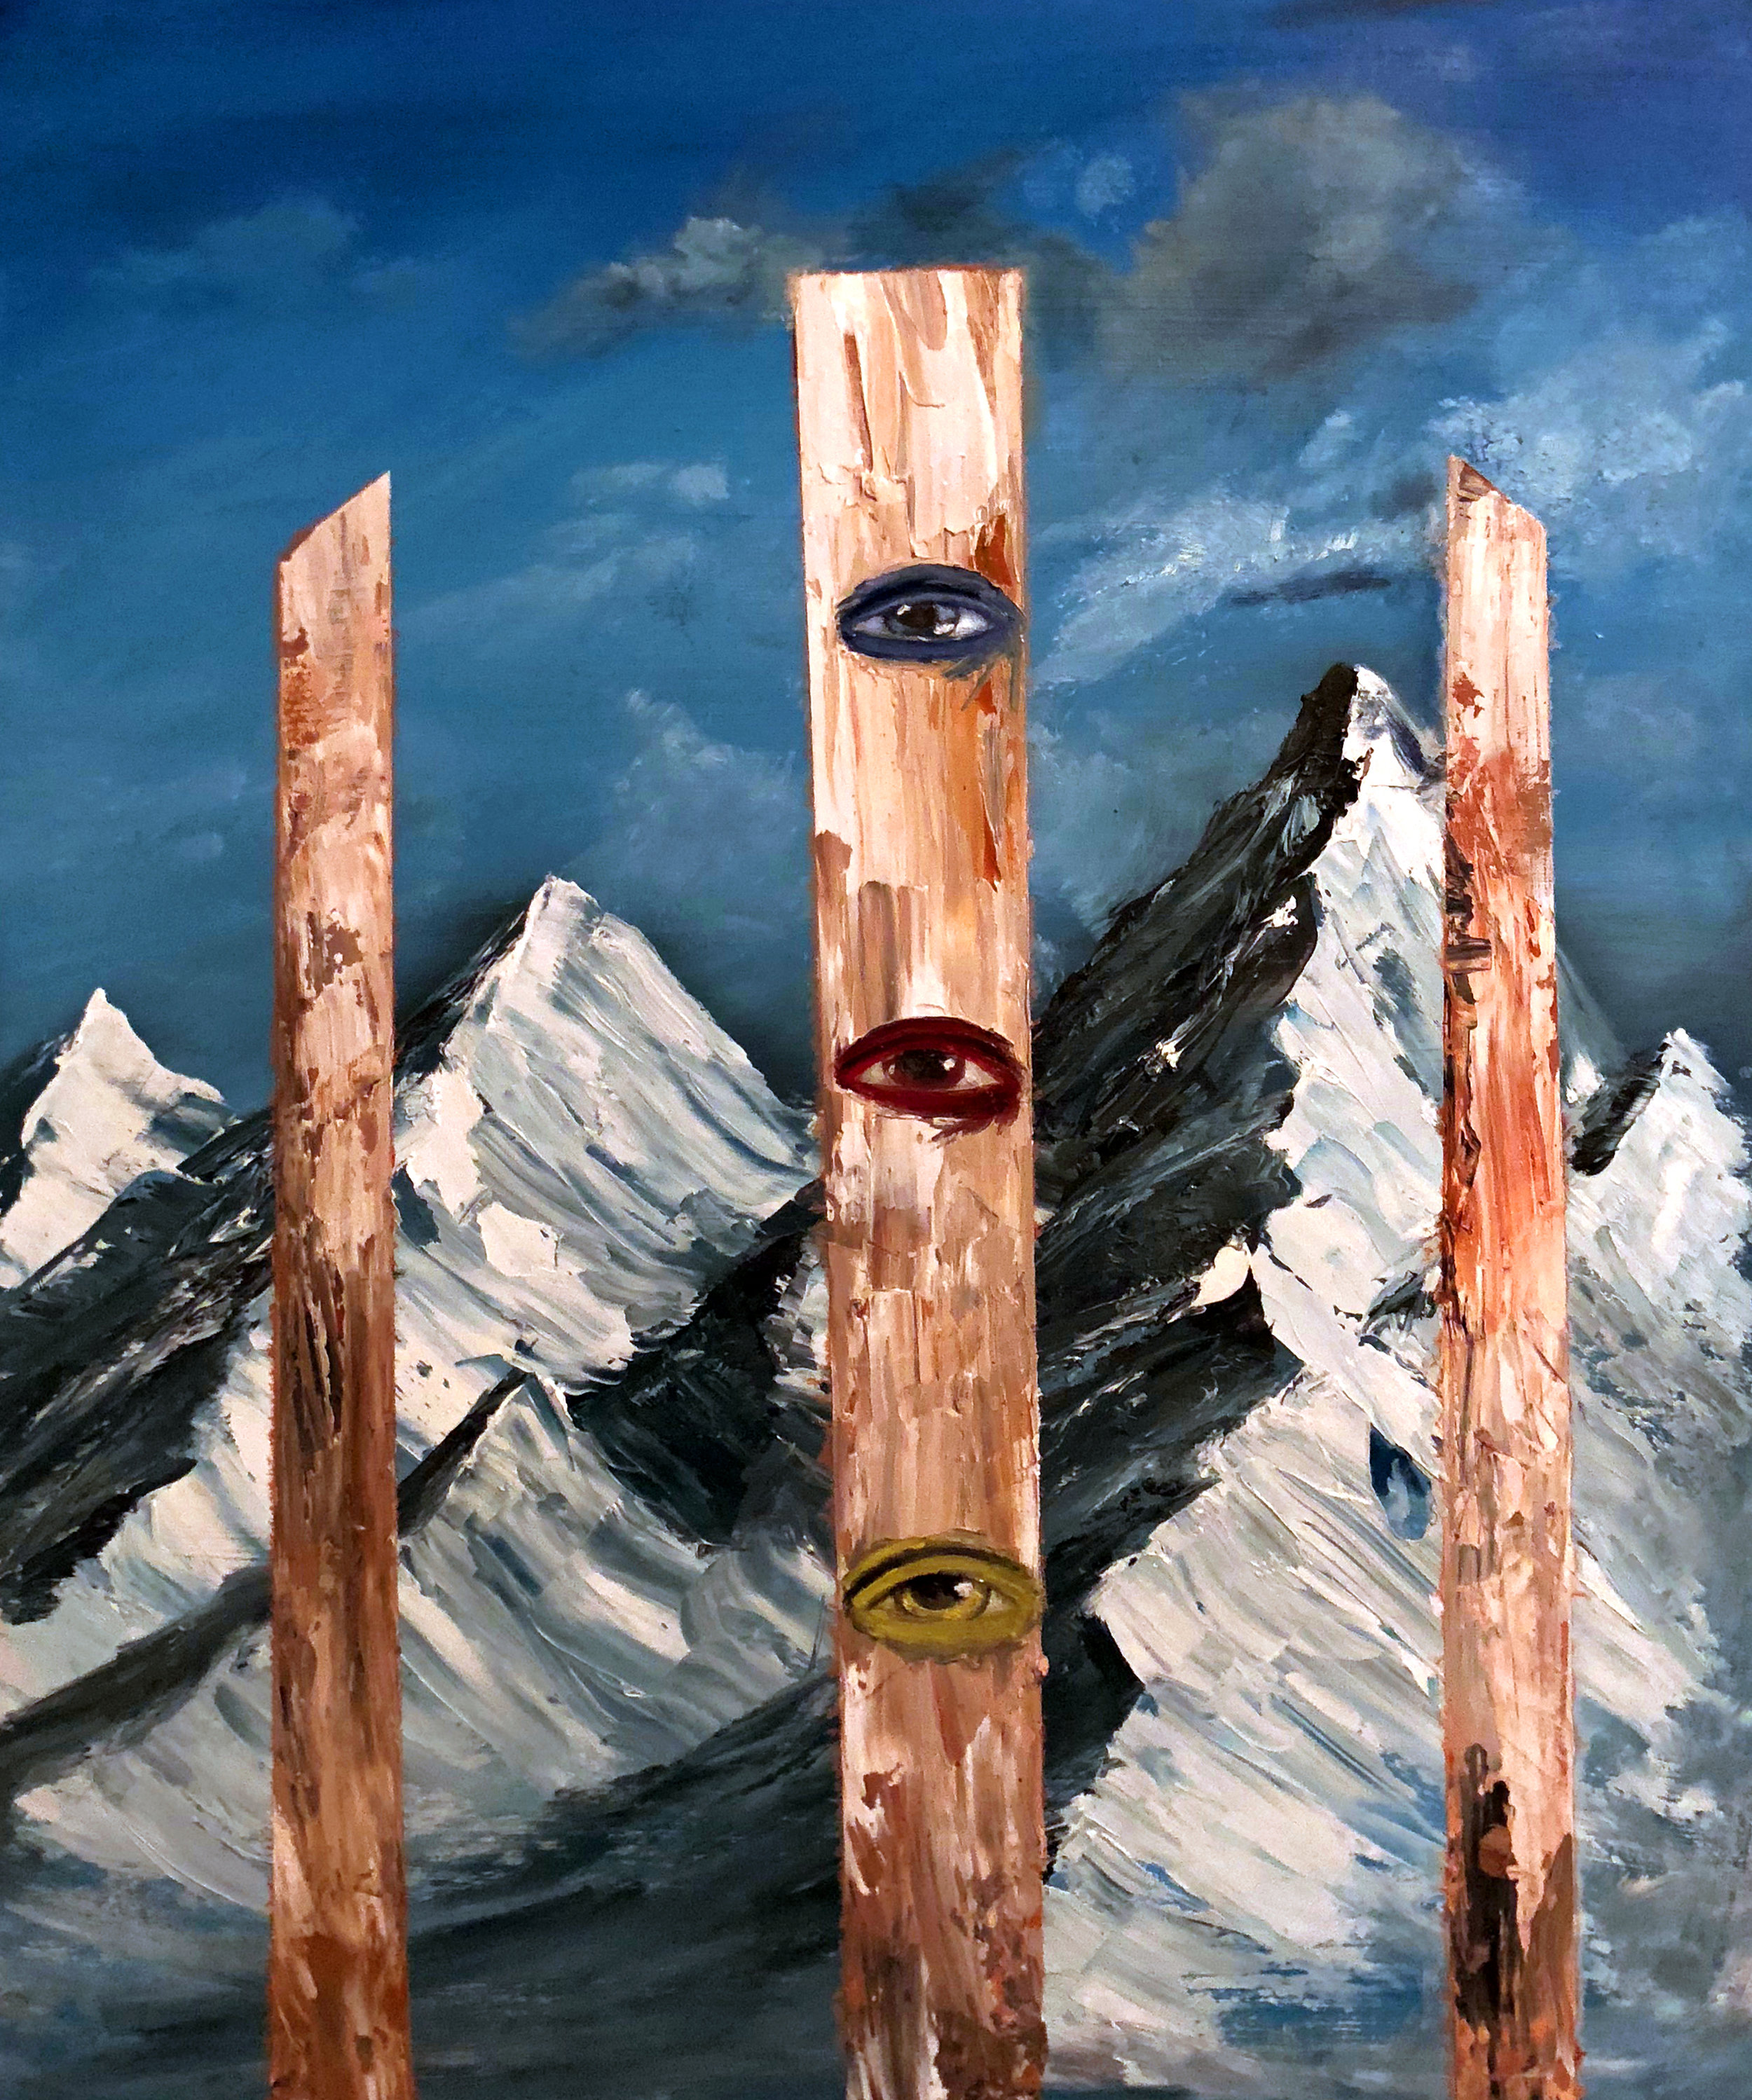 Pillars of Industry